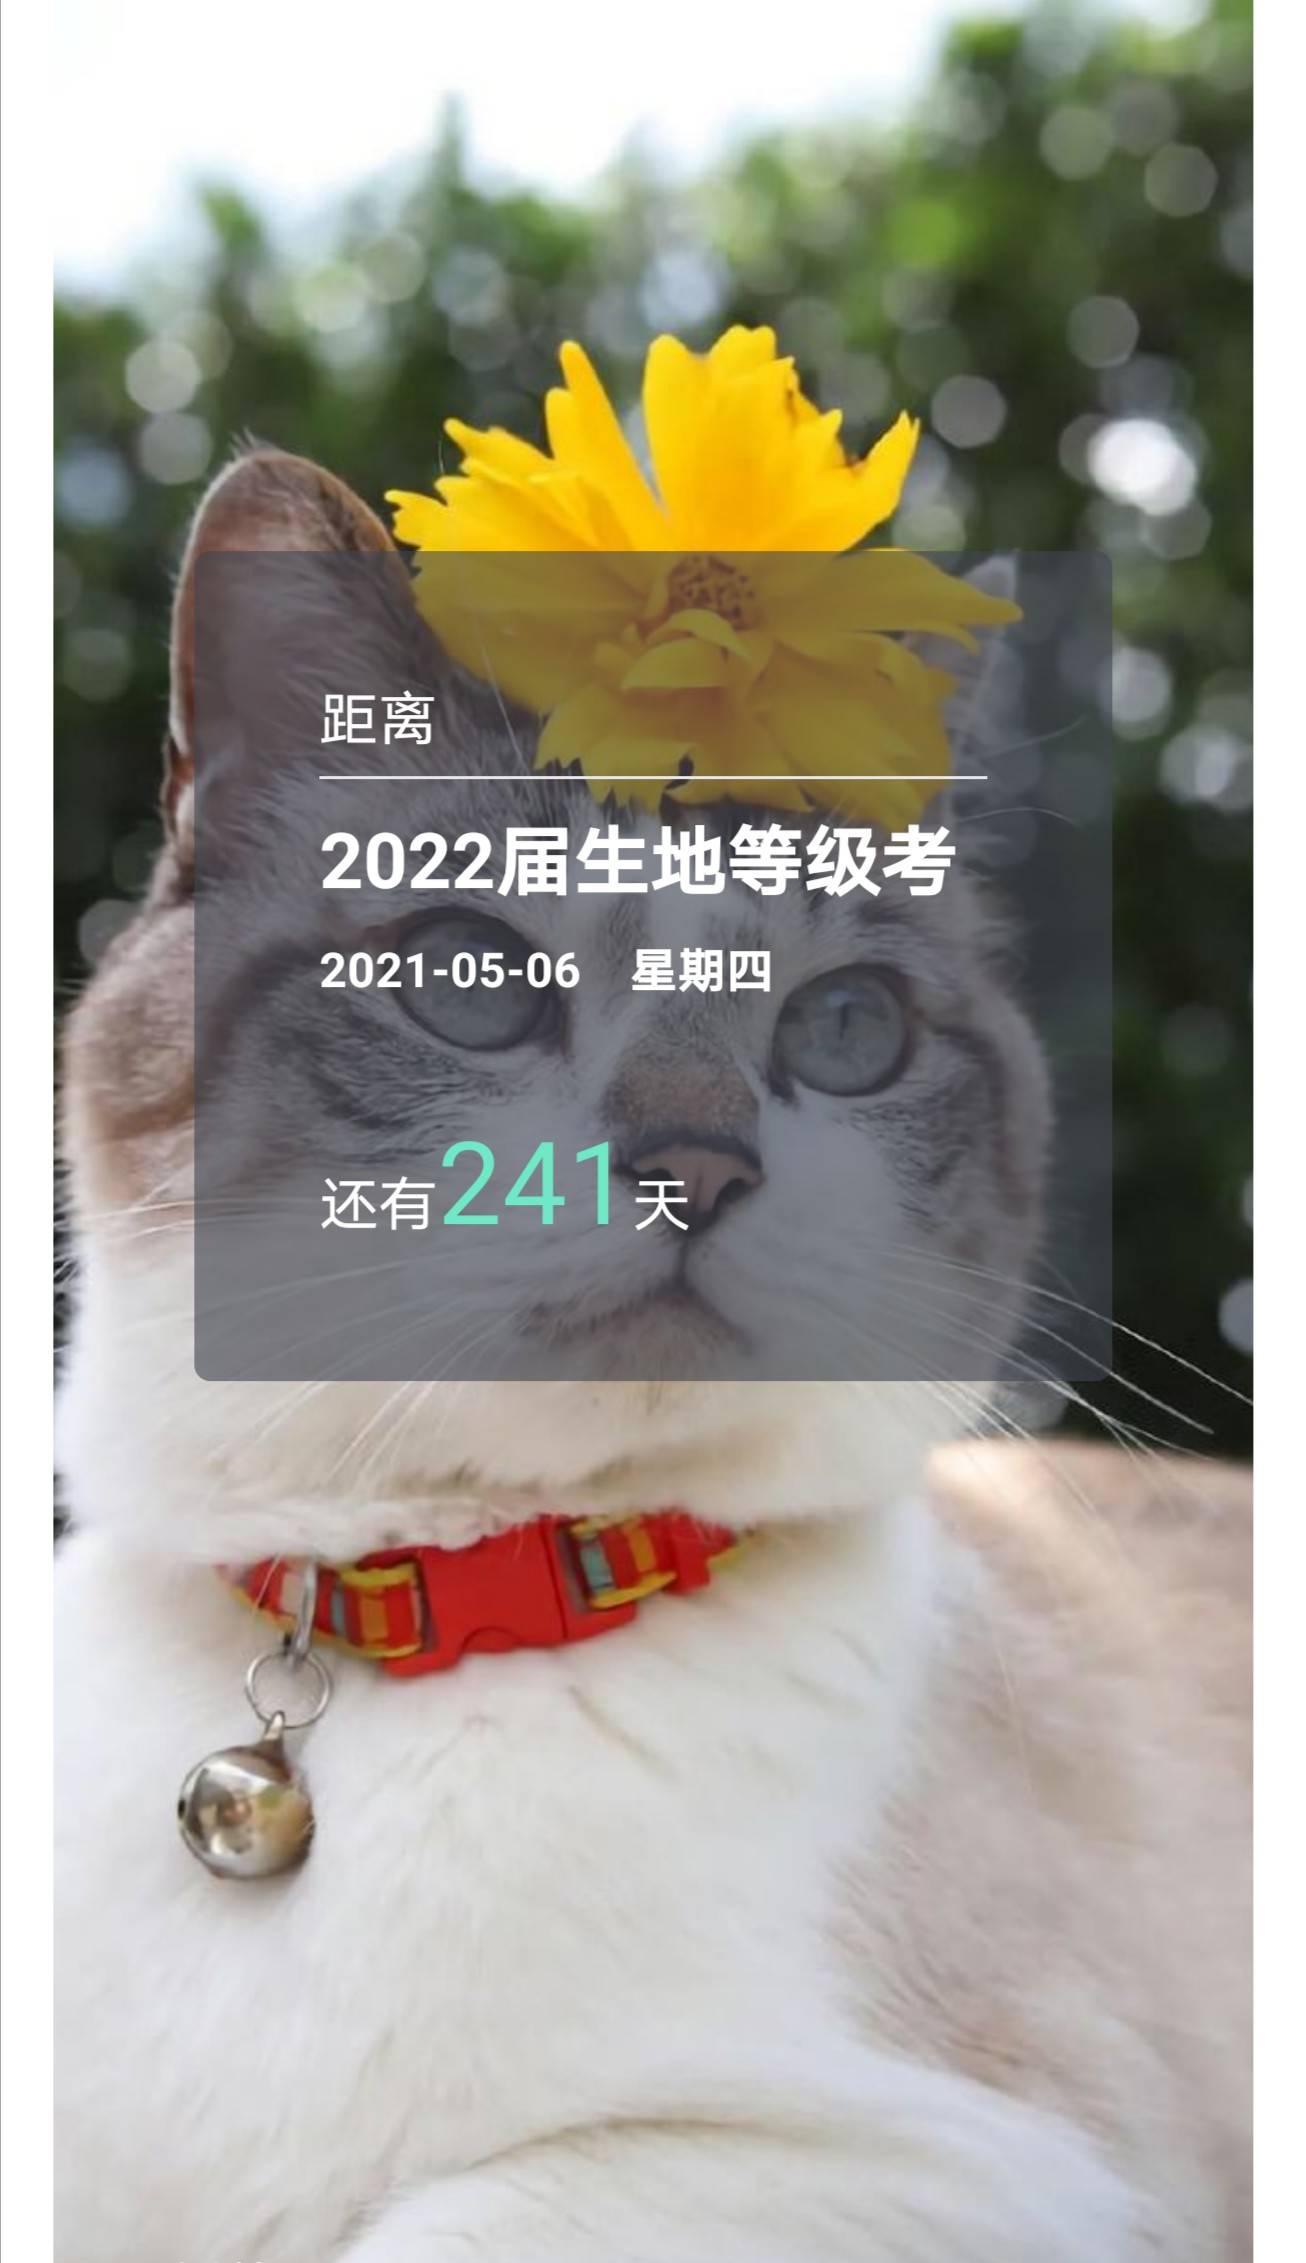 2020-09-07 08.21.09.jpg